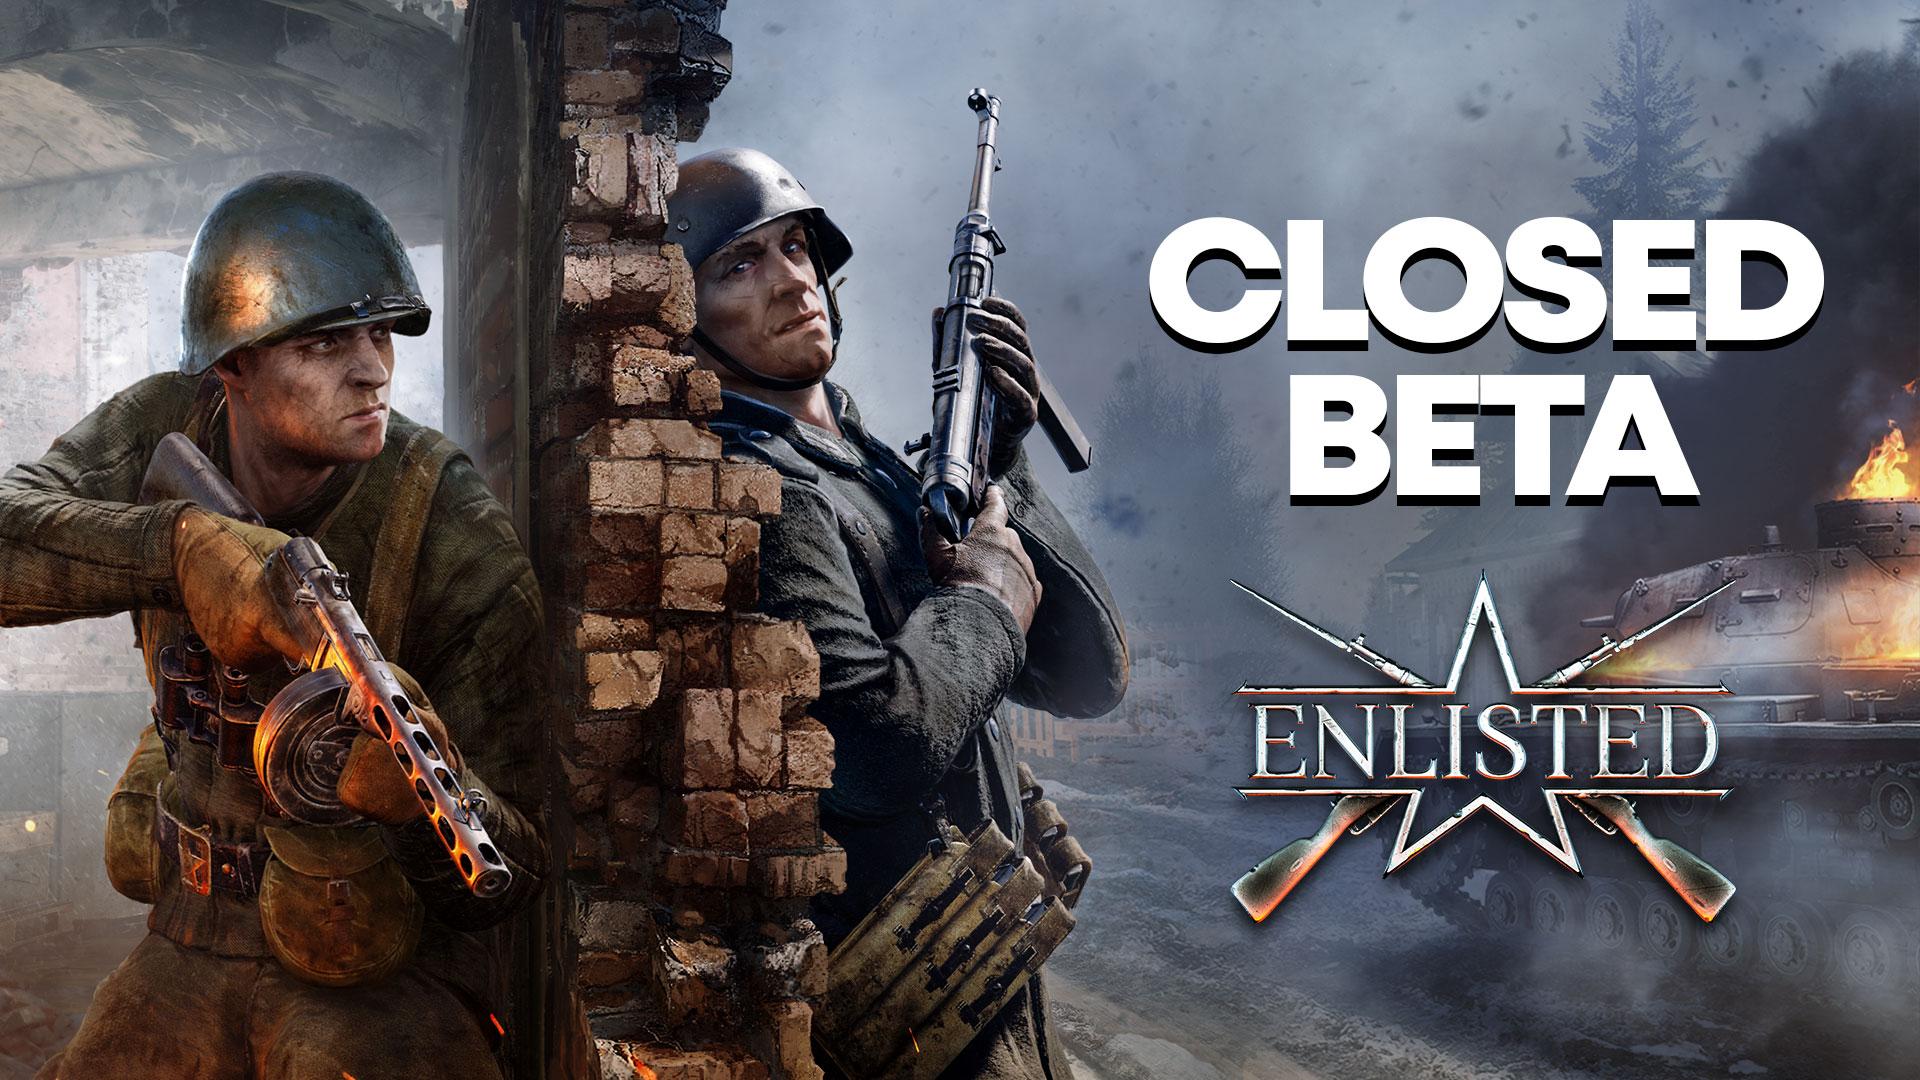 Closed_Beta_Trailer_en%20(1)_90d08d45afc